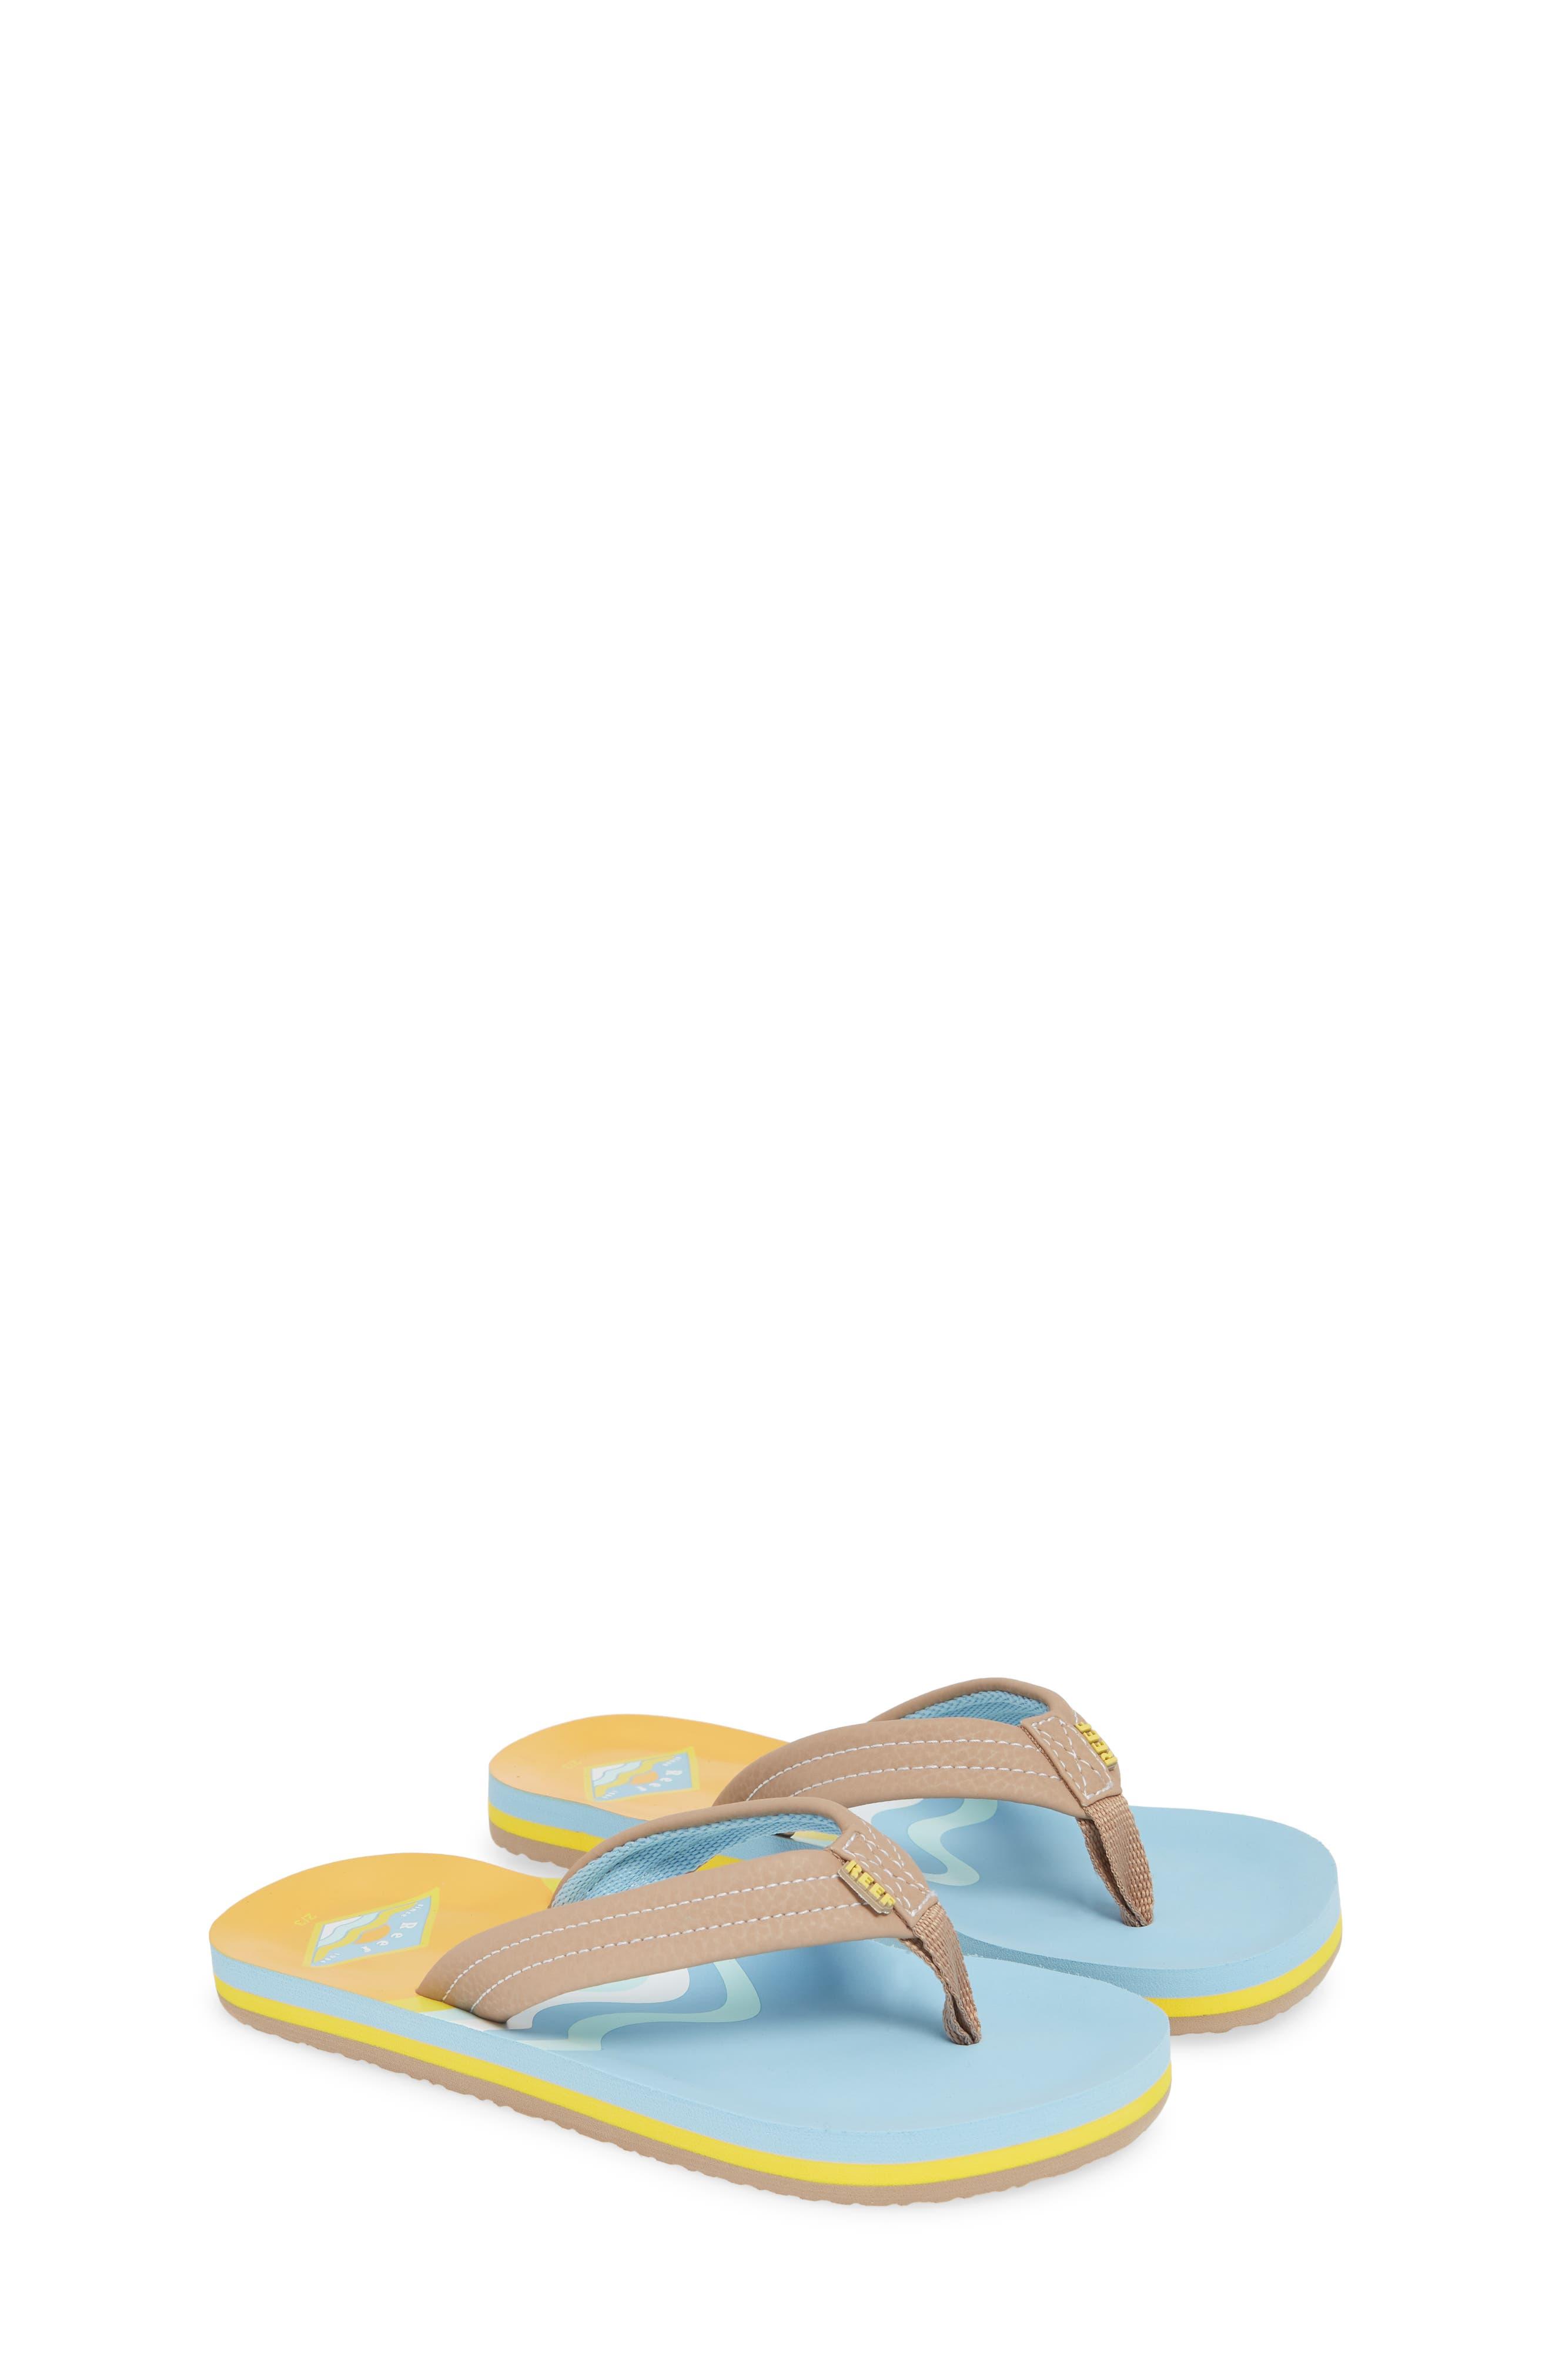 REEF, Ahi Flip Flop, Alternate thumbnail 2, color, OCEAN SAND